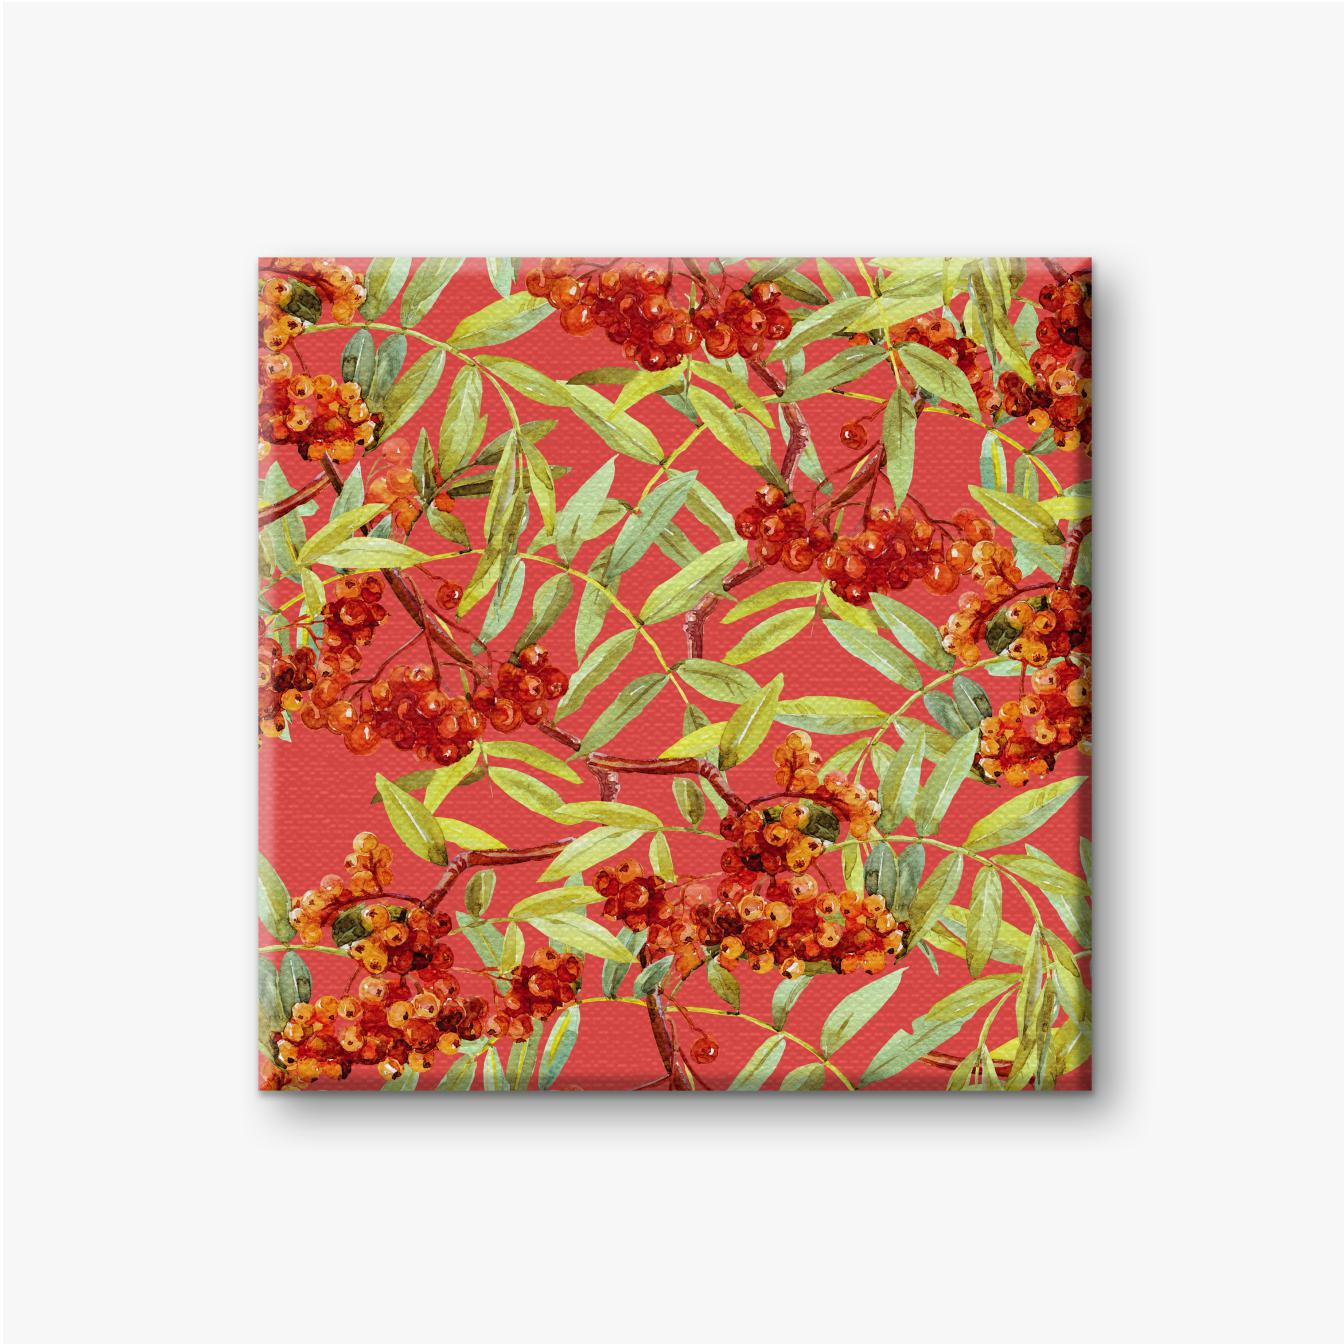 Zweige mit roten Früchten der Eberesche auf rotem Hintergrund